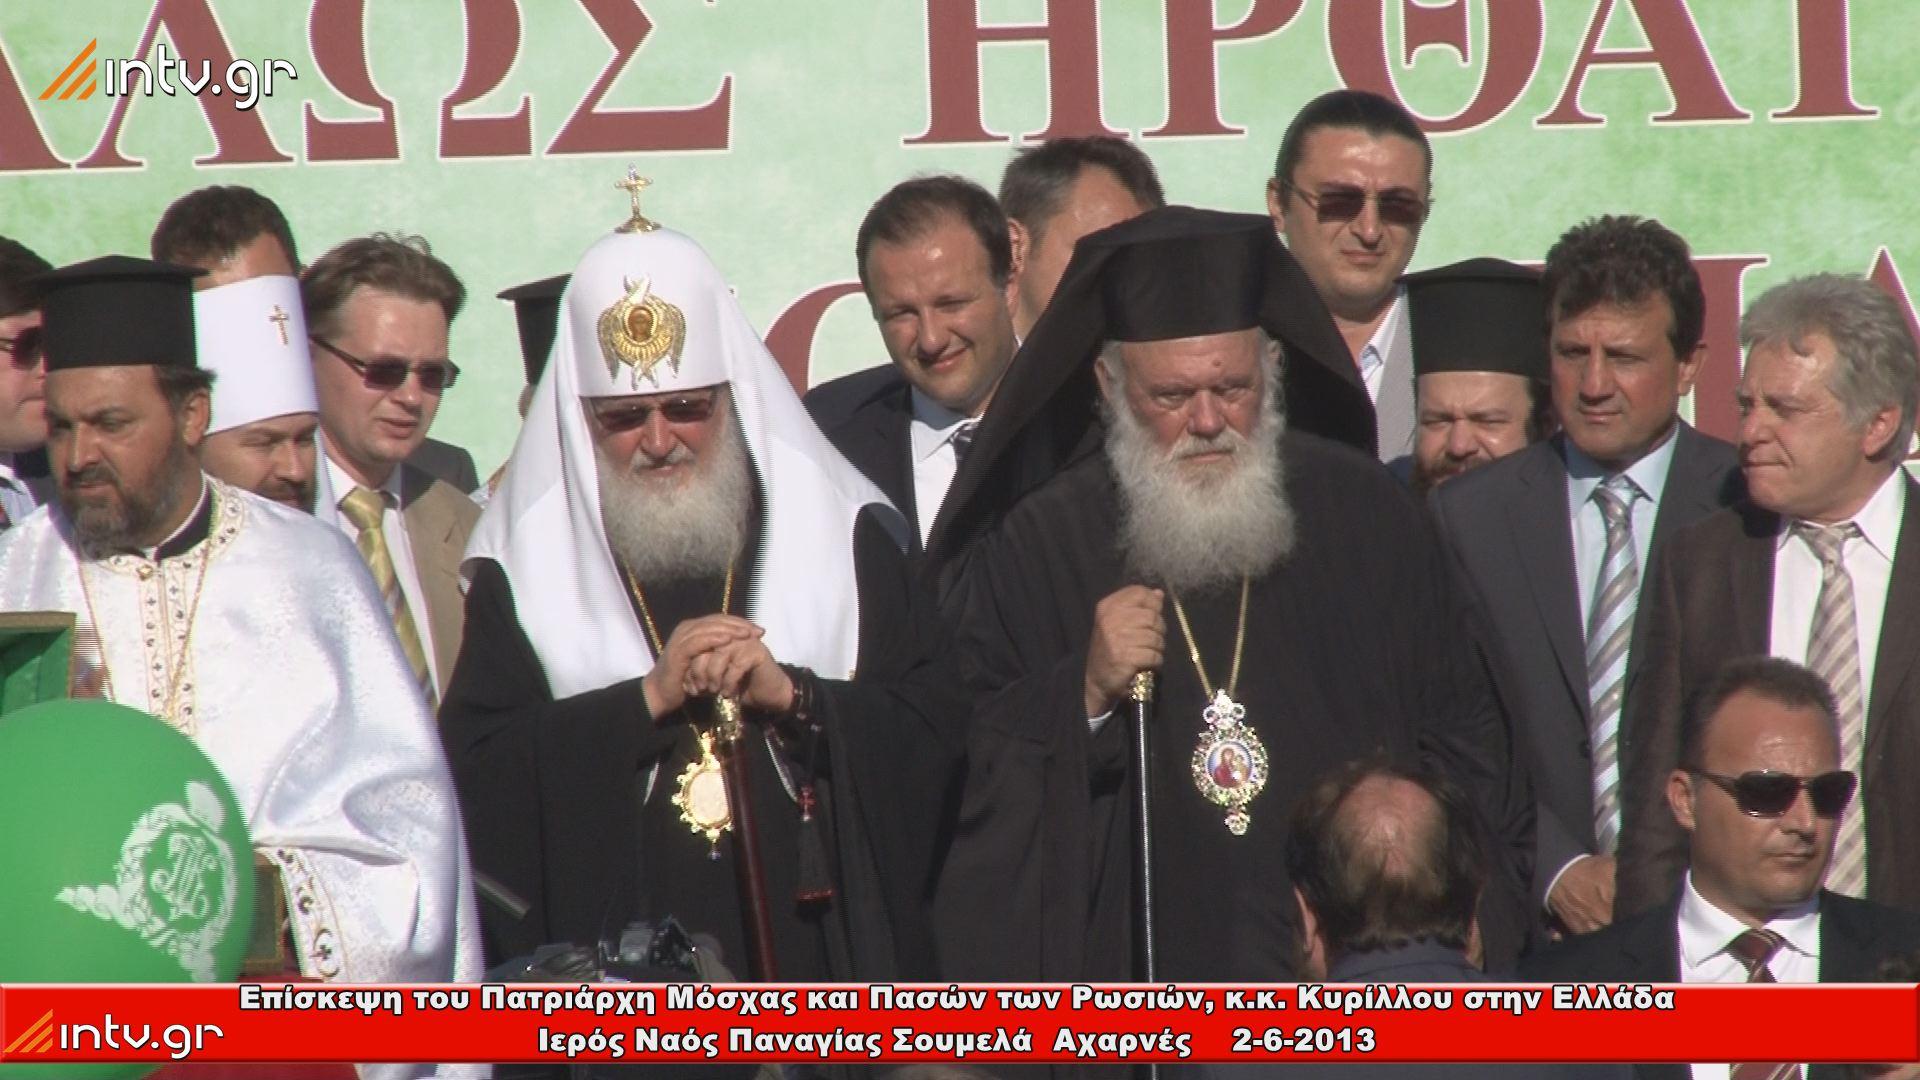 Επίσκεψη του Πατριάρχη Μόσχας και Πασών των Ρωσιών, κ.κ. Κυρίλλου στην Ελλάδα - 2η ημέρα - Ι. Ν. Παναγίας Σουμελά Αχαρνές